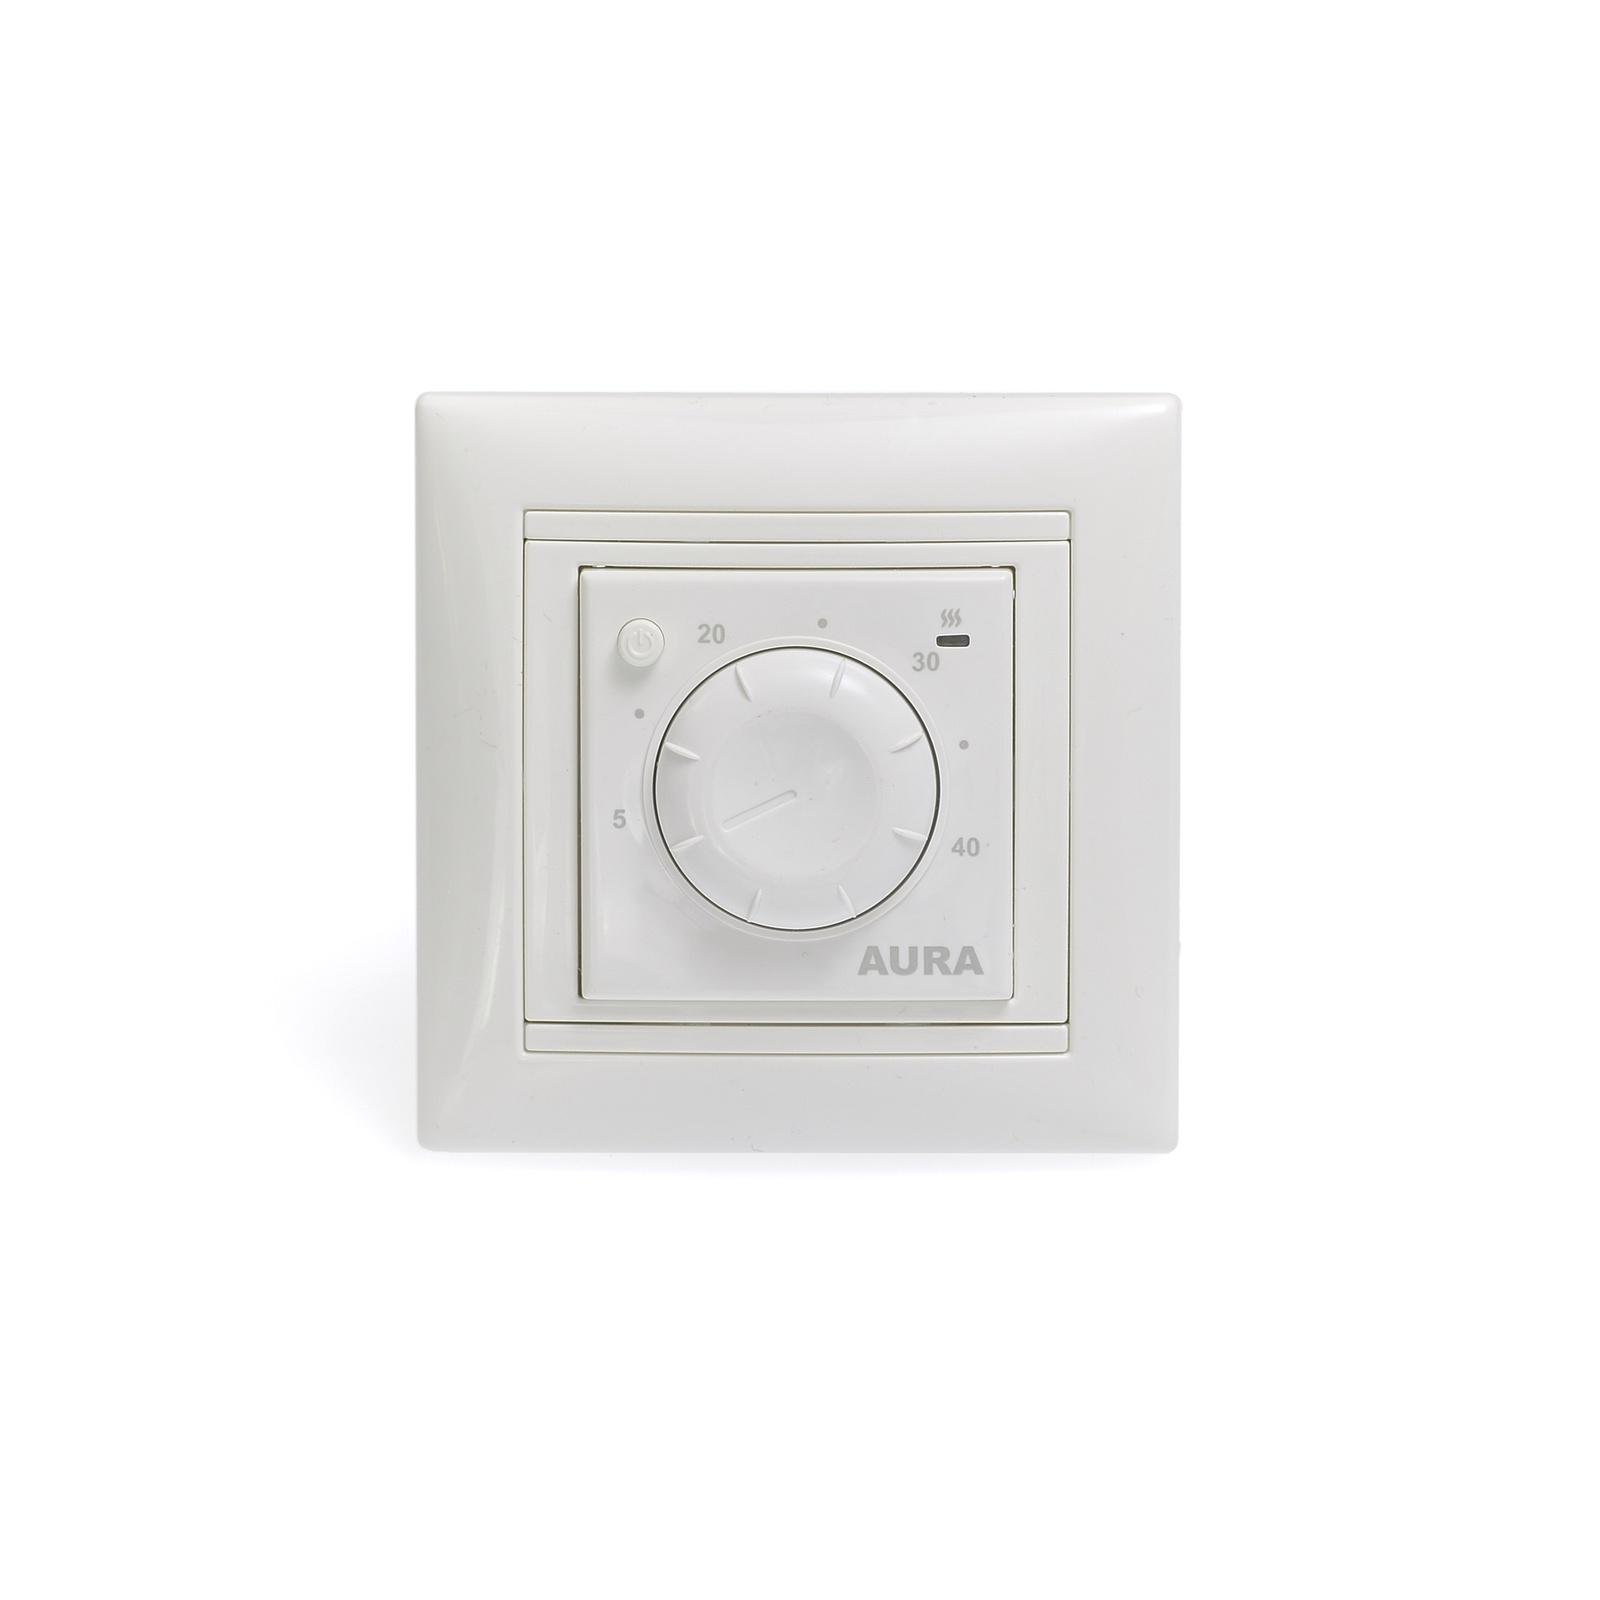 Фото - Регулятор теплого пола AURA LTC 030, 3201030, белый терморегулятор aura ltc 530 white